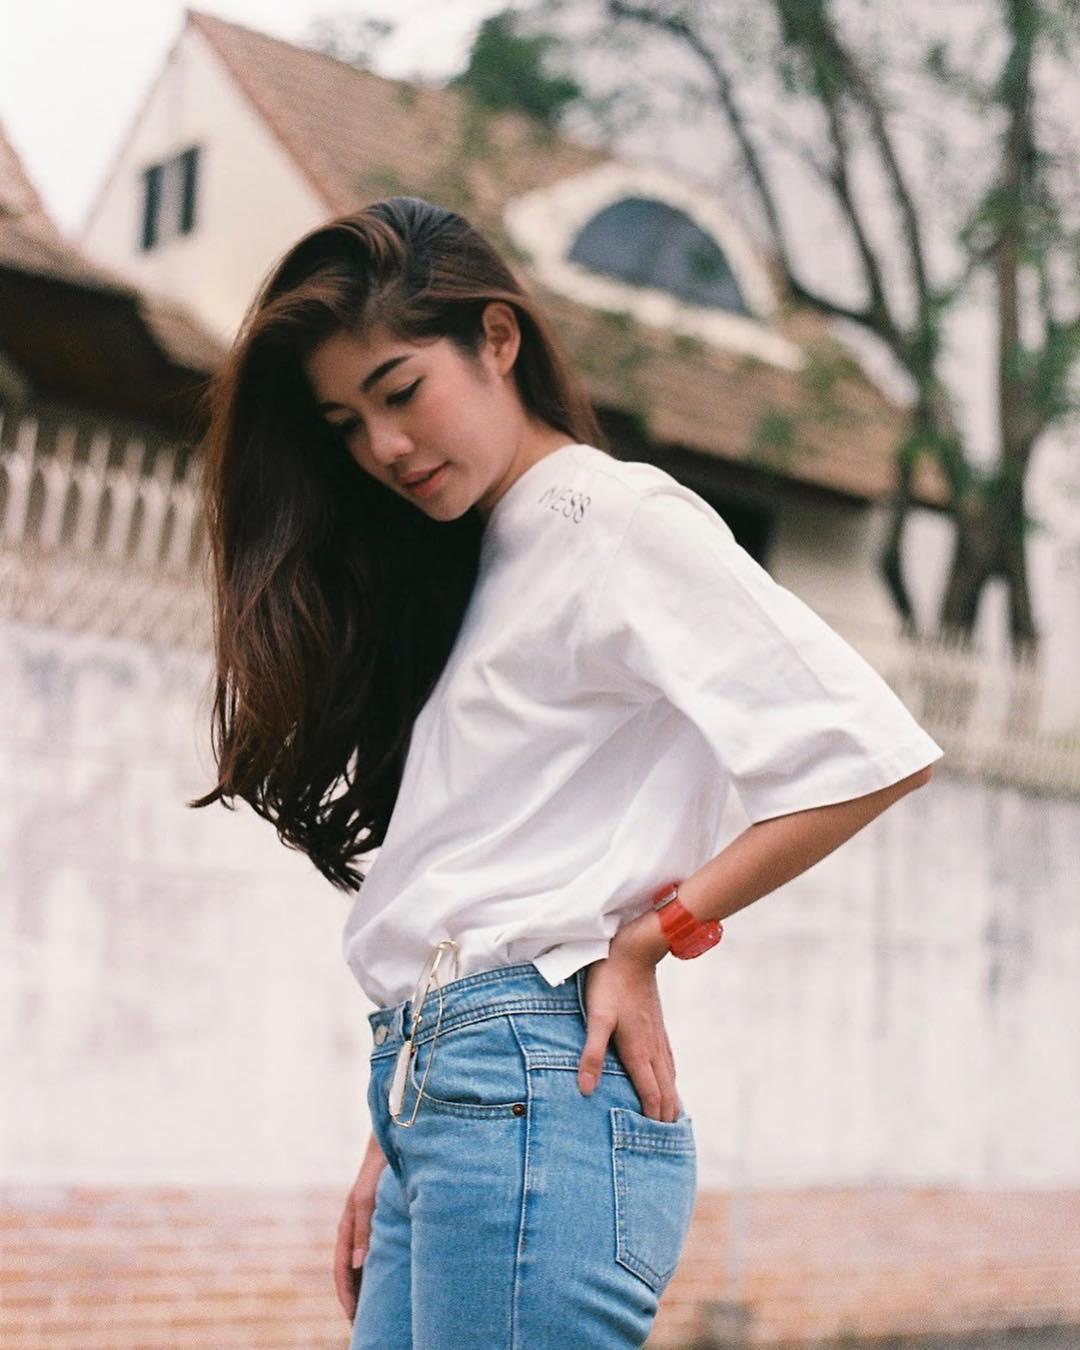 Thích áo phông, mặc nhiều là thế nhưng bạn có biết cách giữ cho chiếc áo của mình bền đẹp như mới - Ảnh 1